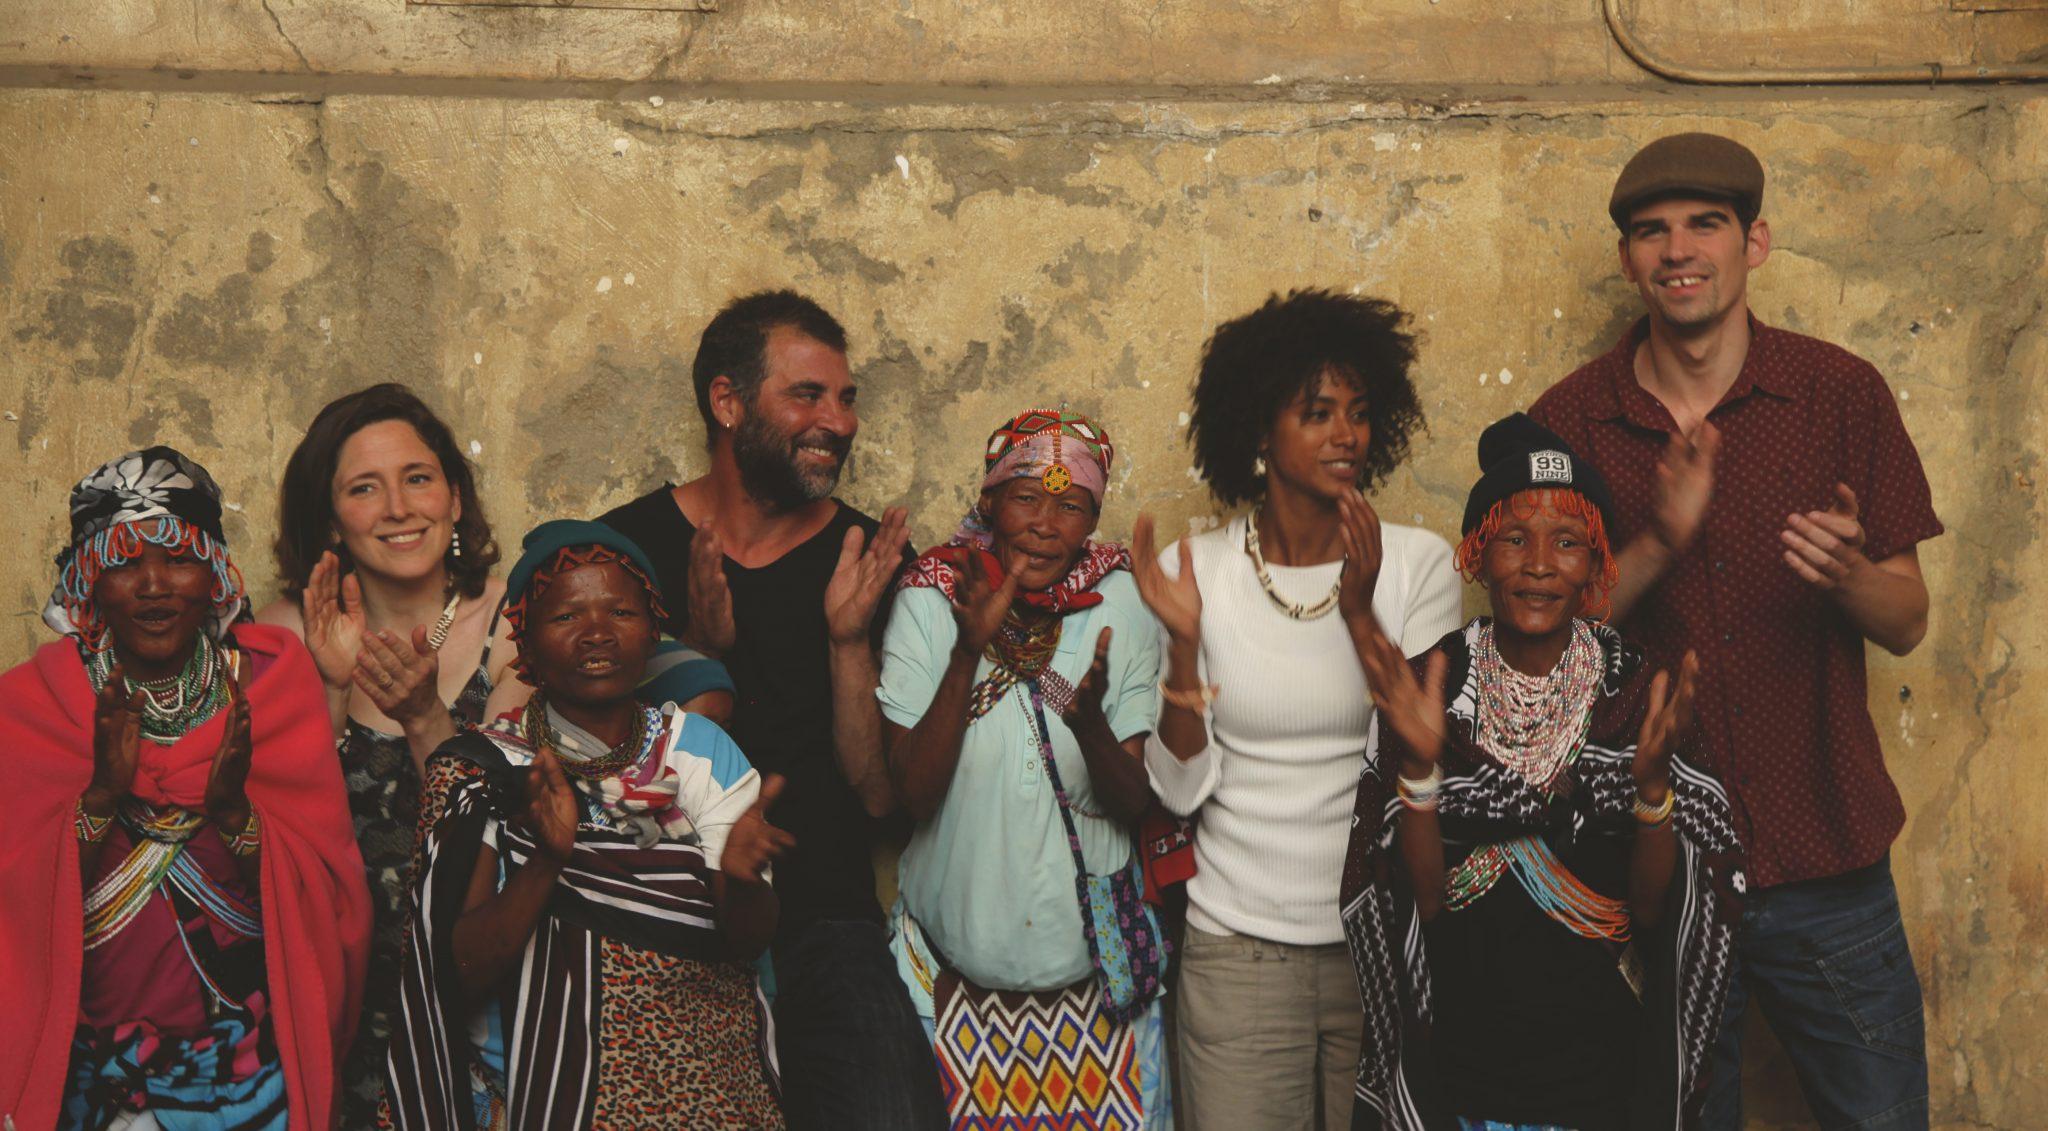 Band photo Namibian Tales - Kalahari Encounters